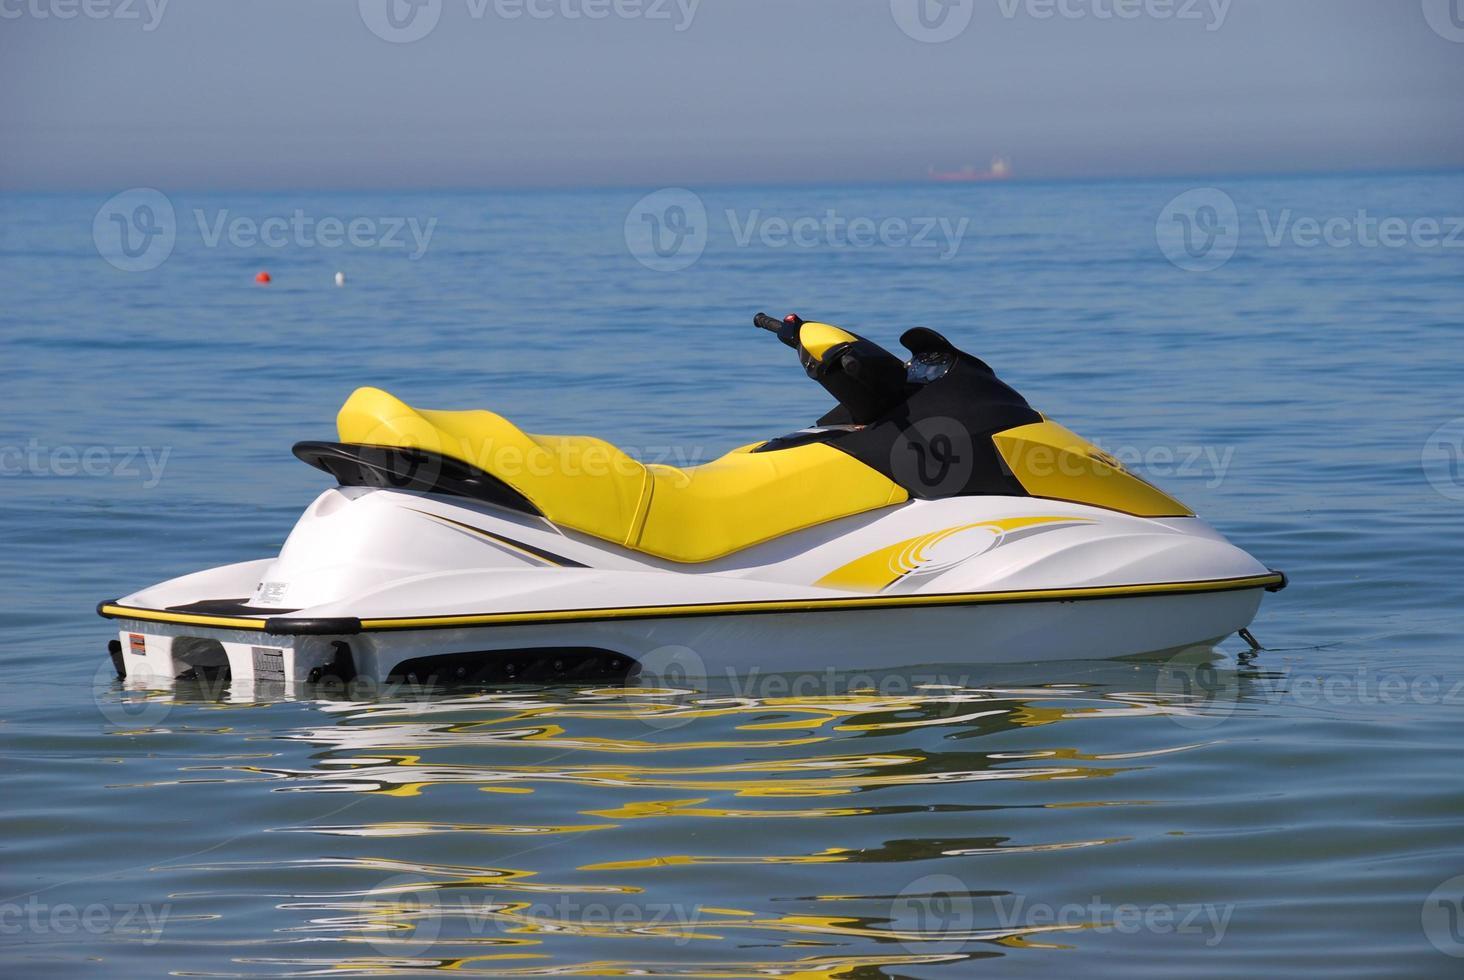 barco a jato no mar foto